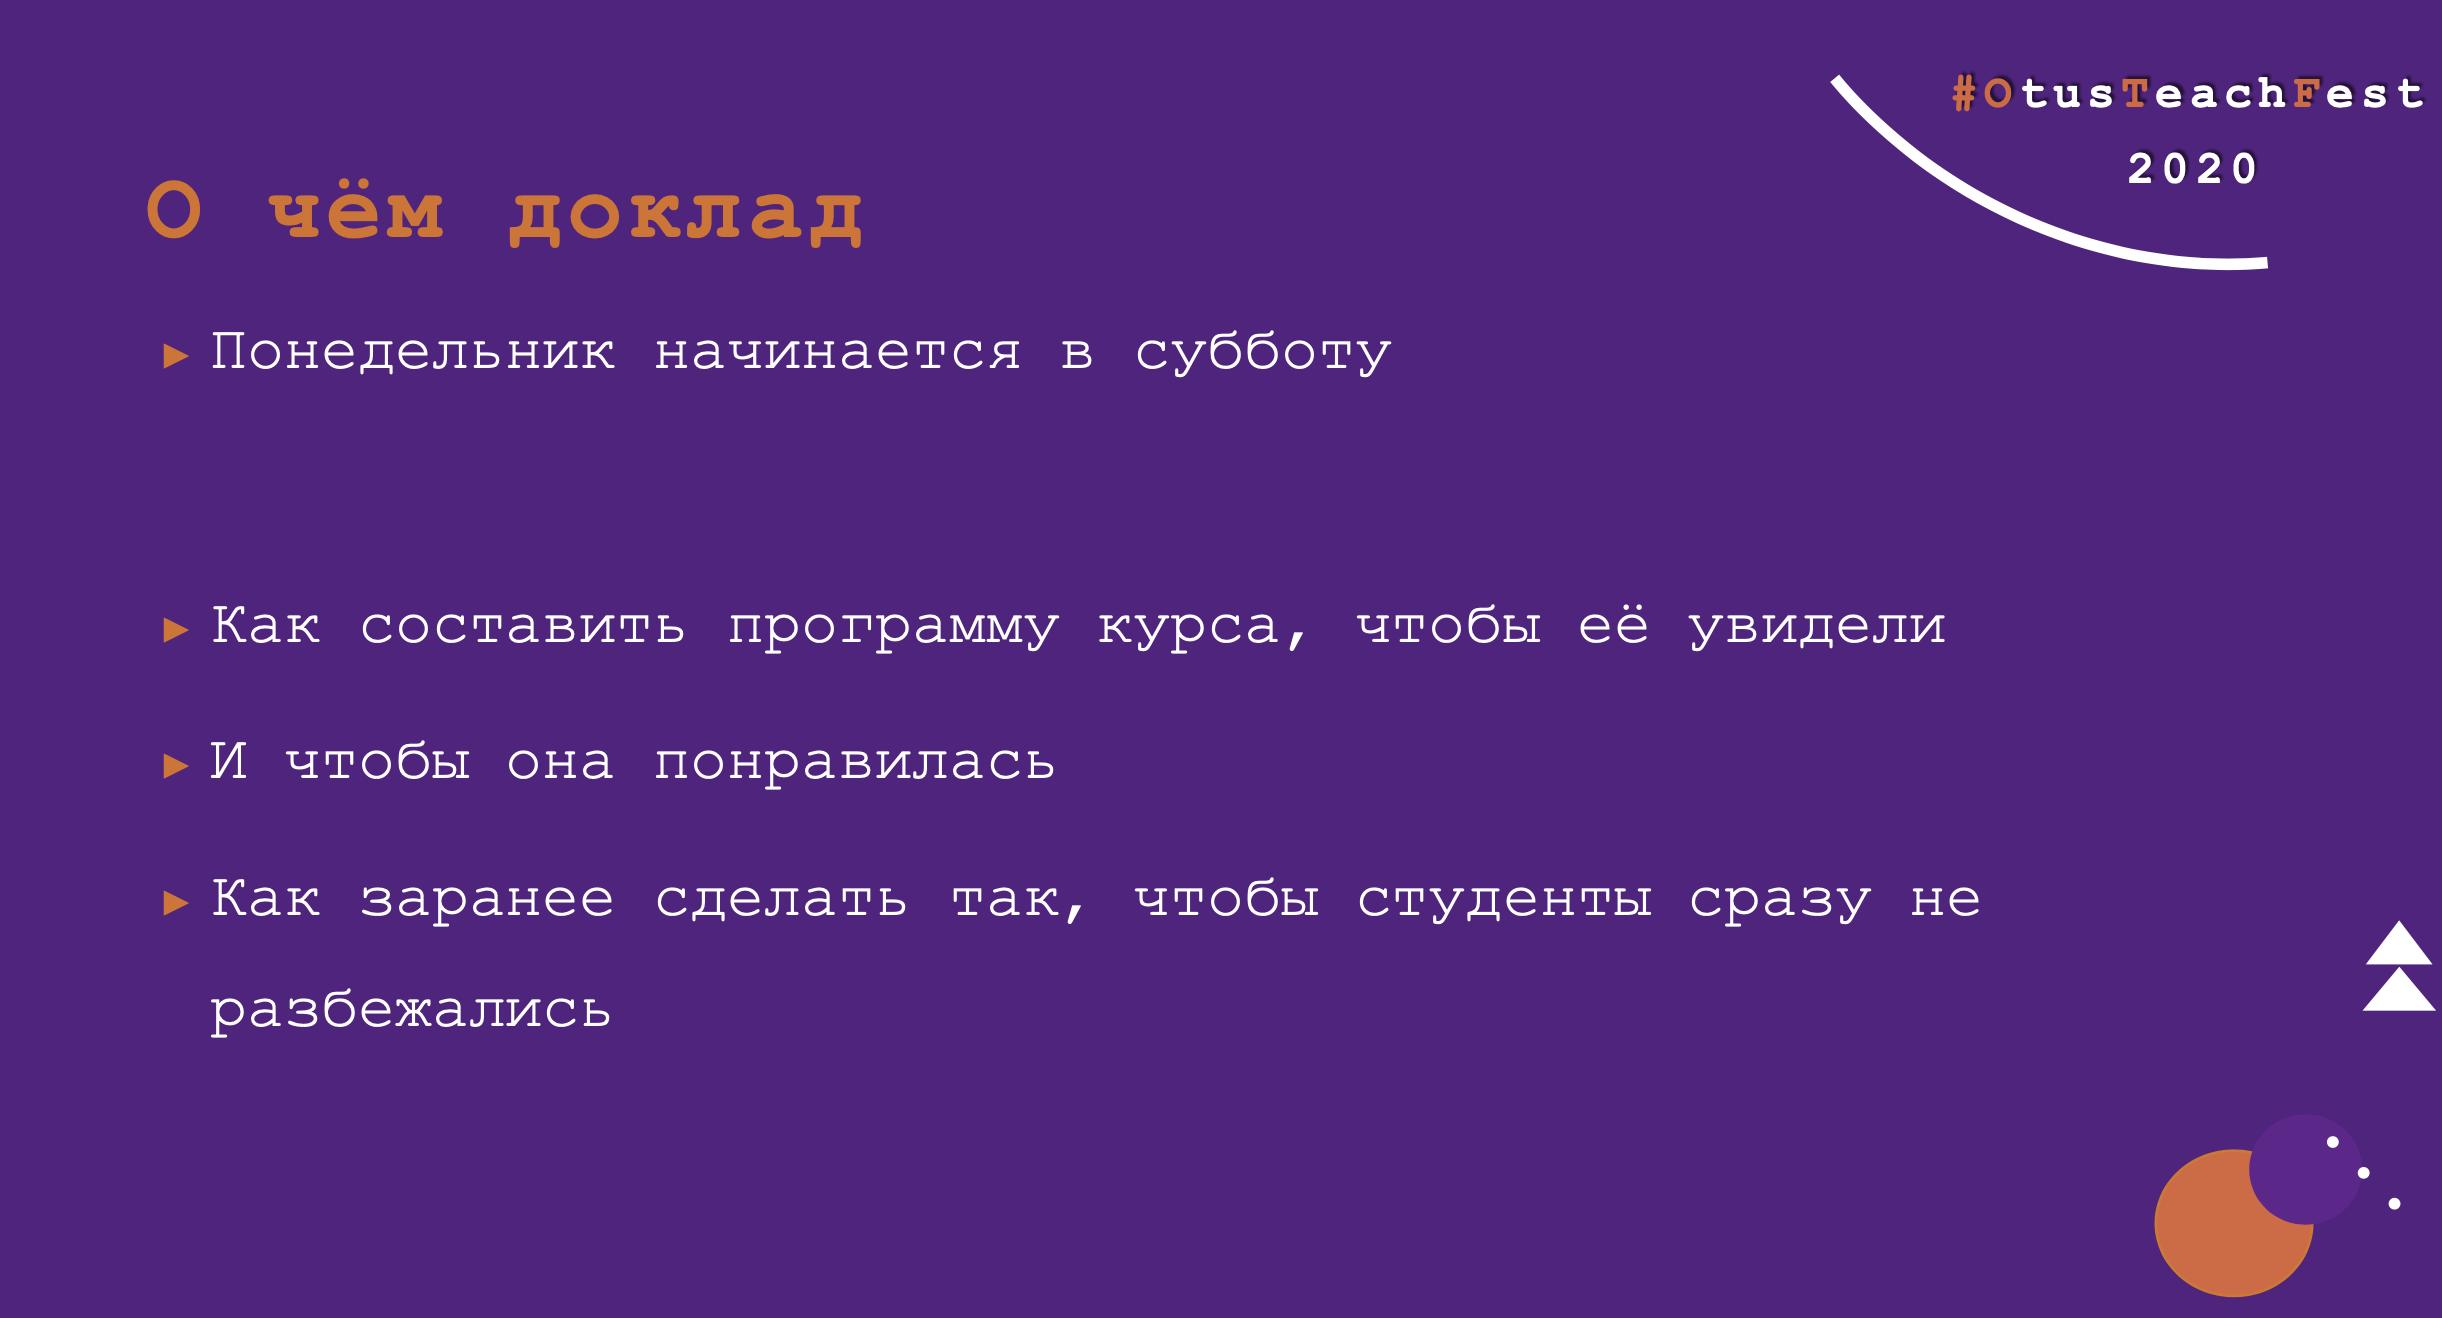 Снимок_экрана_2020_03_26_в_18.43.04-73510-aacfe2.png